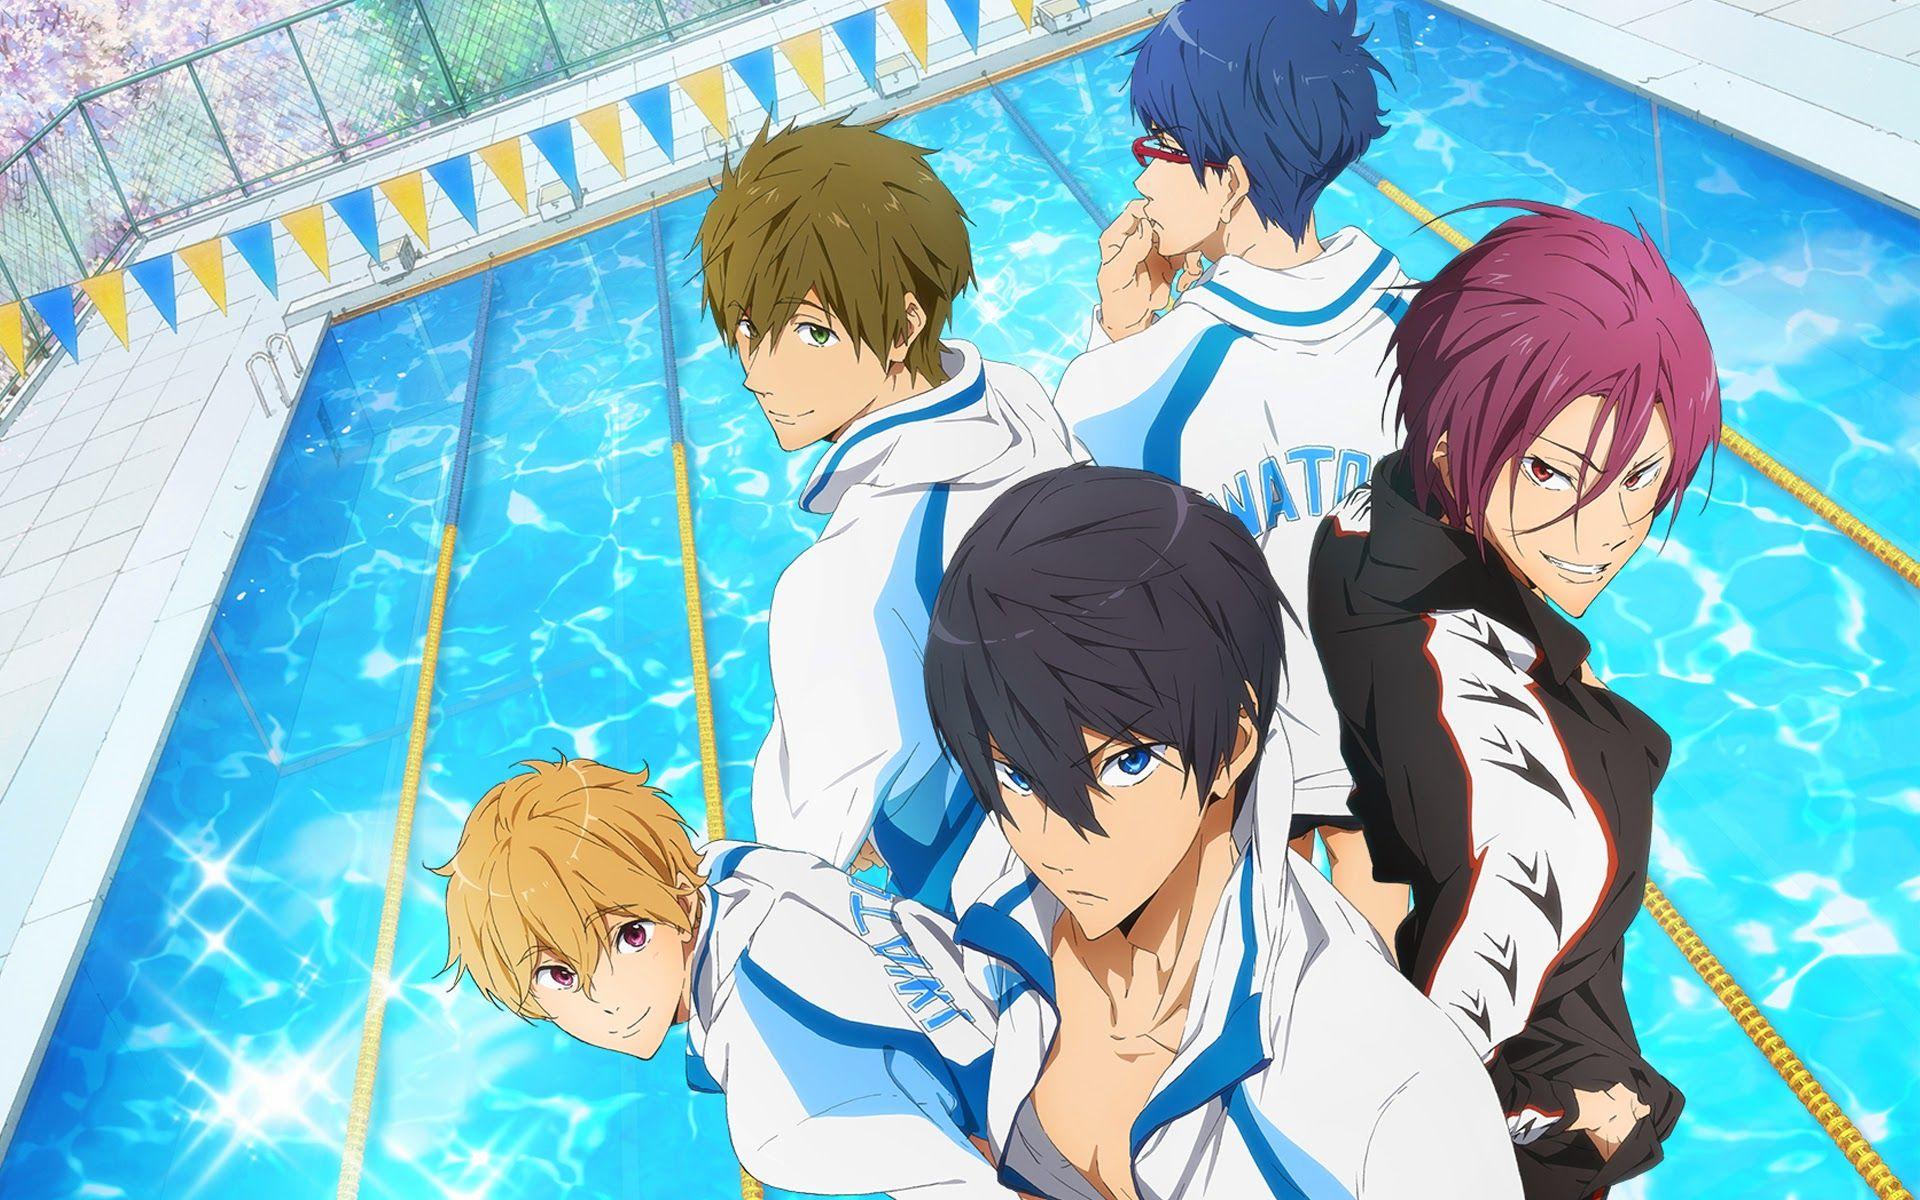 Free anime wallpaper buscar con google animefree - Google anime wallpaper ...